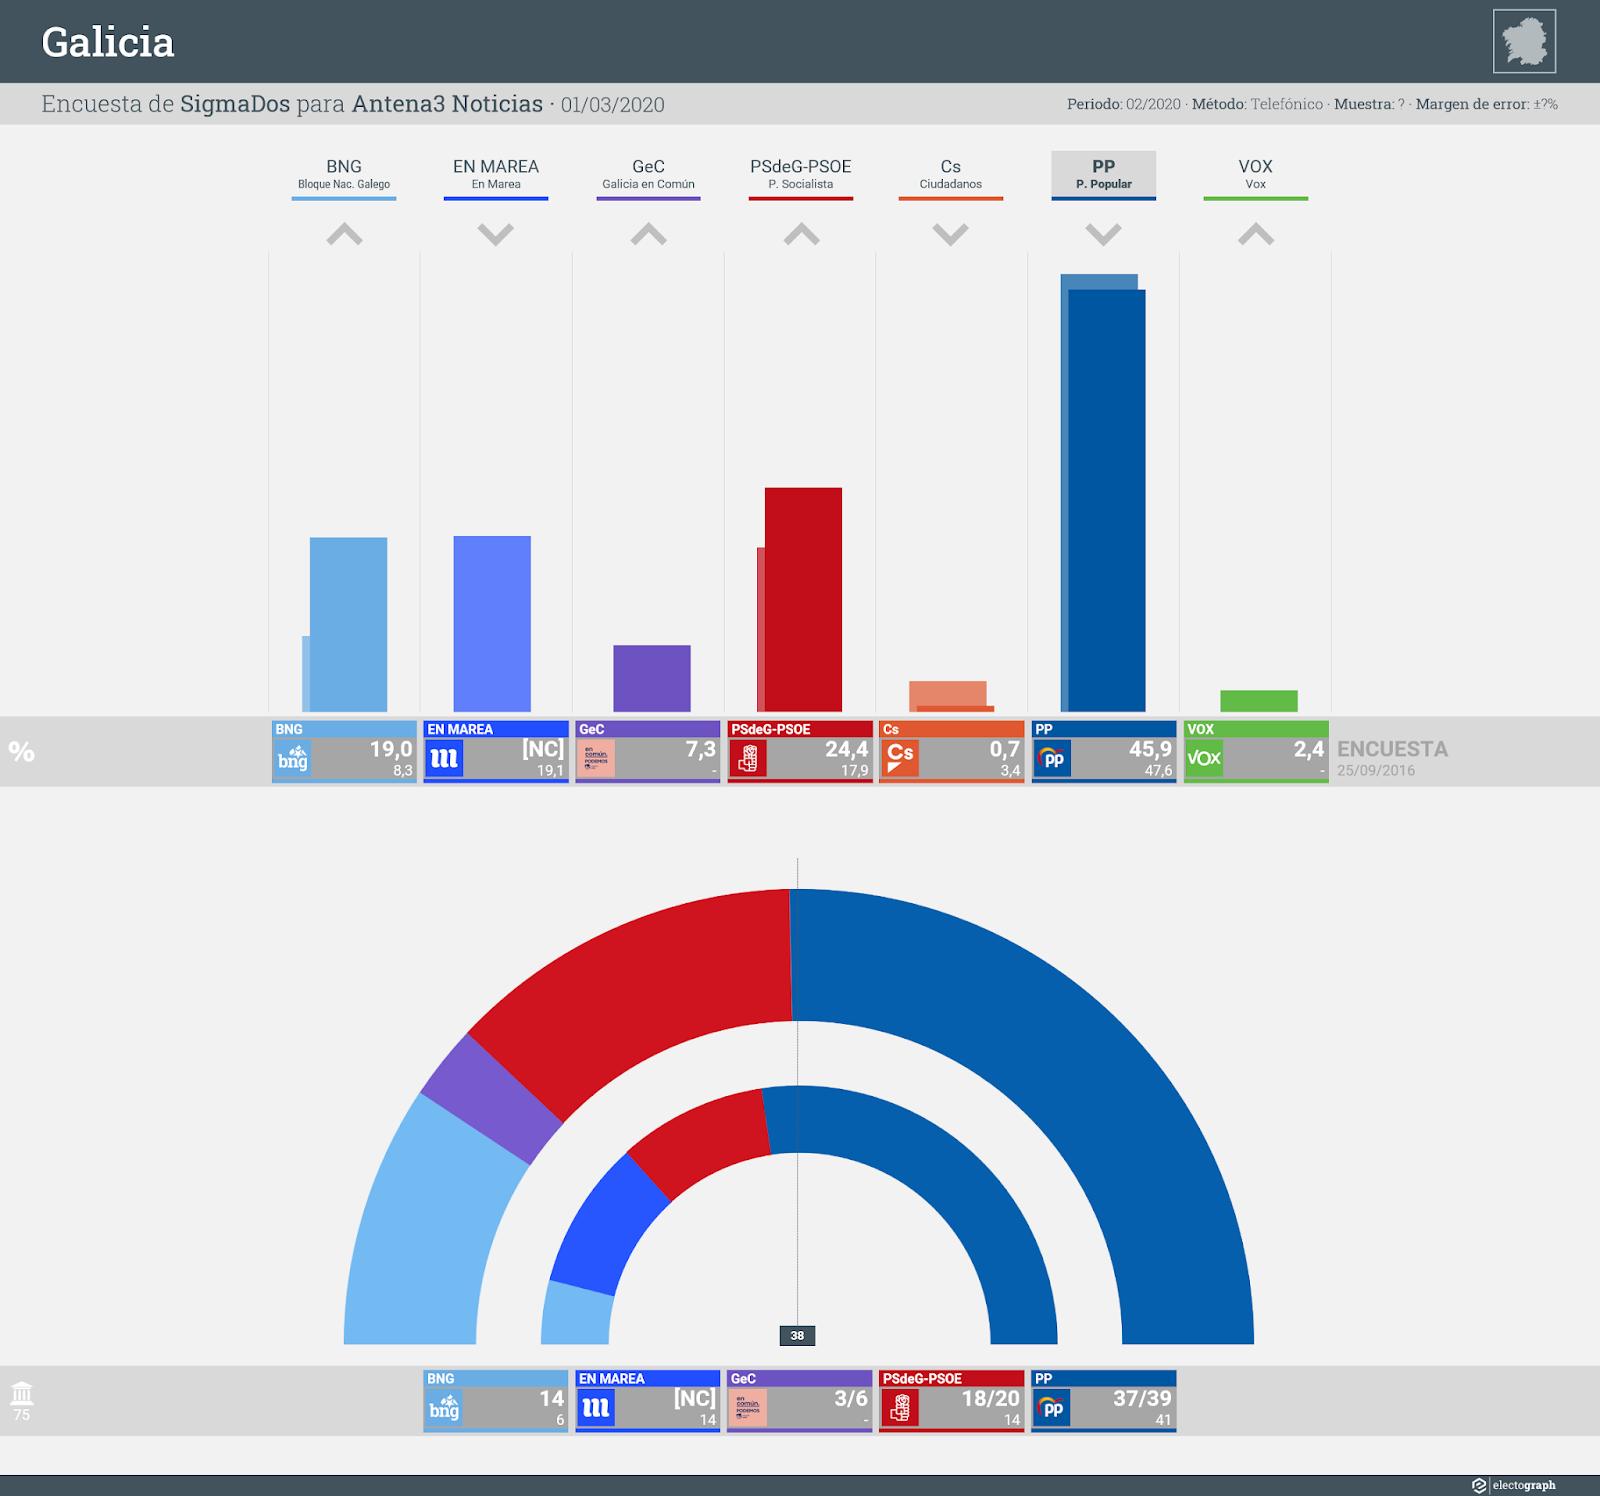 Gráfico de la encuesta para elecciones autonómicas en Galicia realizada por SigmaDos para Antena3 Noticias, 1 de marzo de 2020